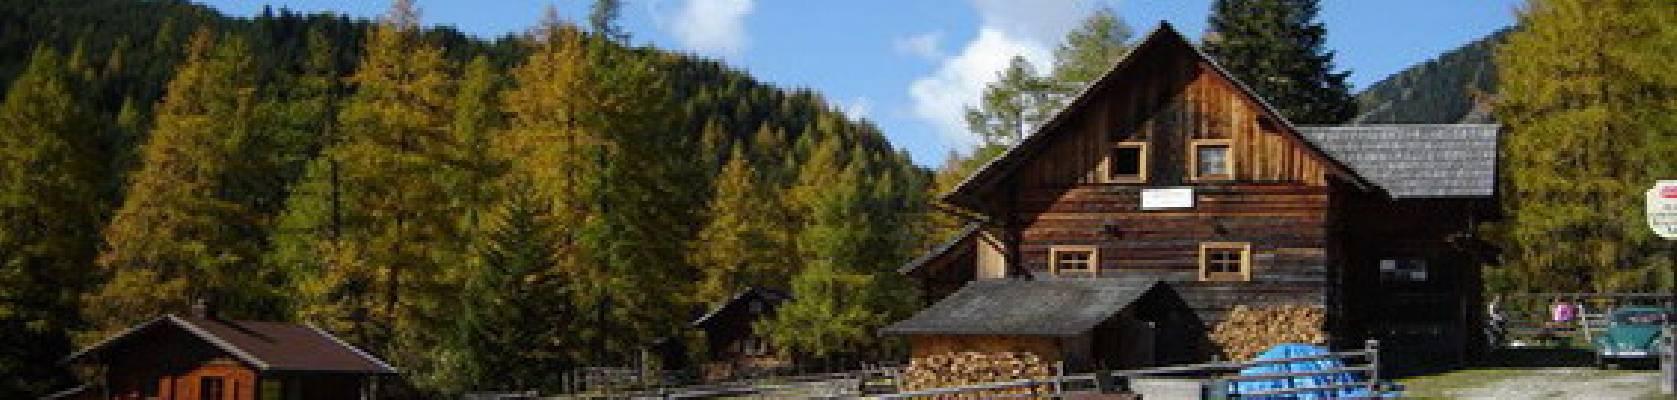 Woonhuis te koop in Oostenrijk - Karinthië - Allgemein - € 5.000